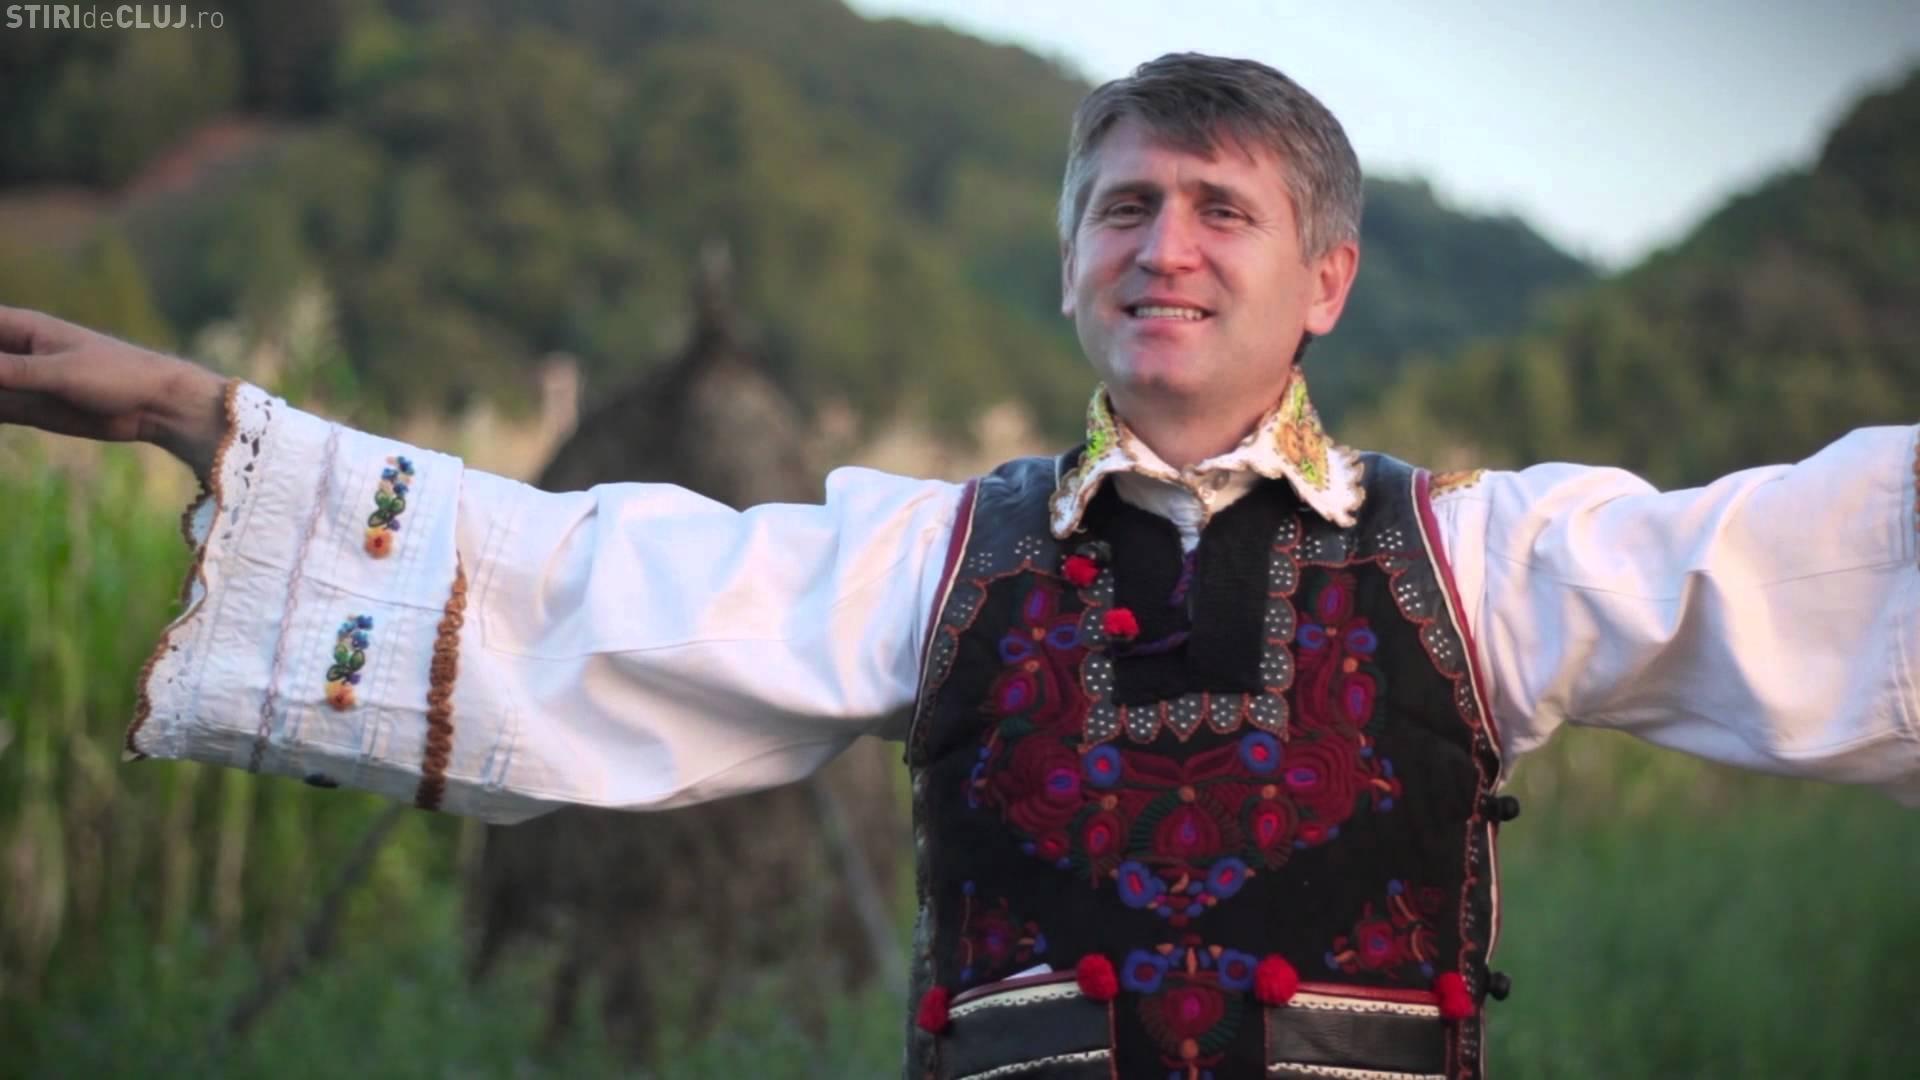 Preotul Pomohaci este imaginea unei localități. Are panou la intrare în comună